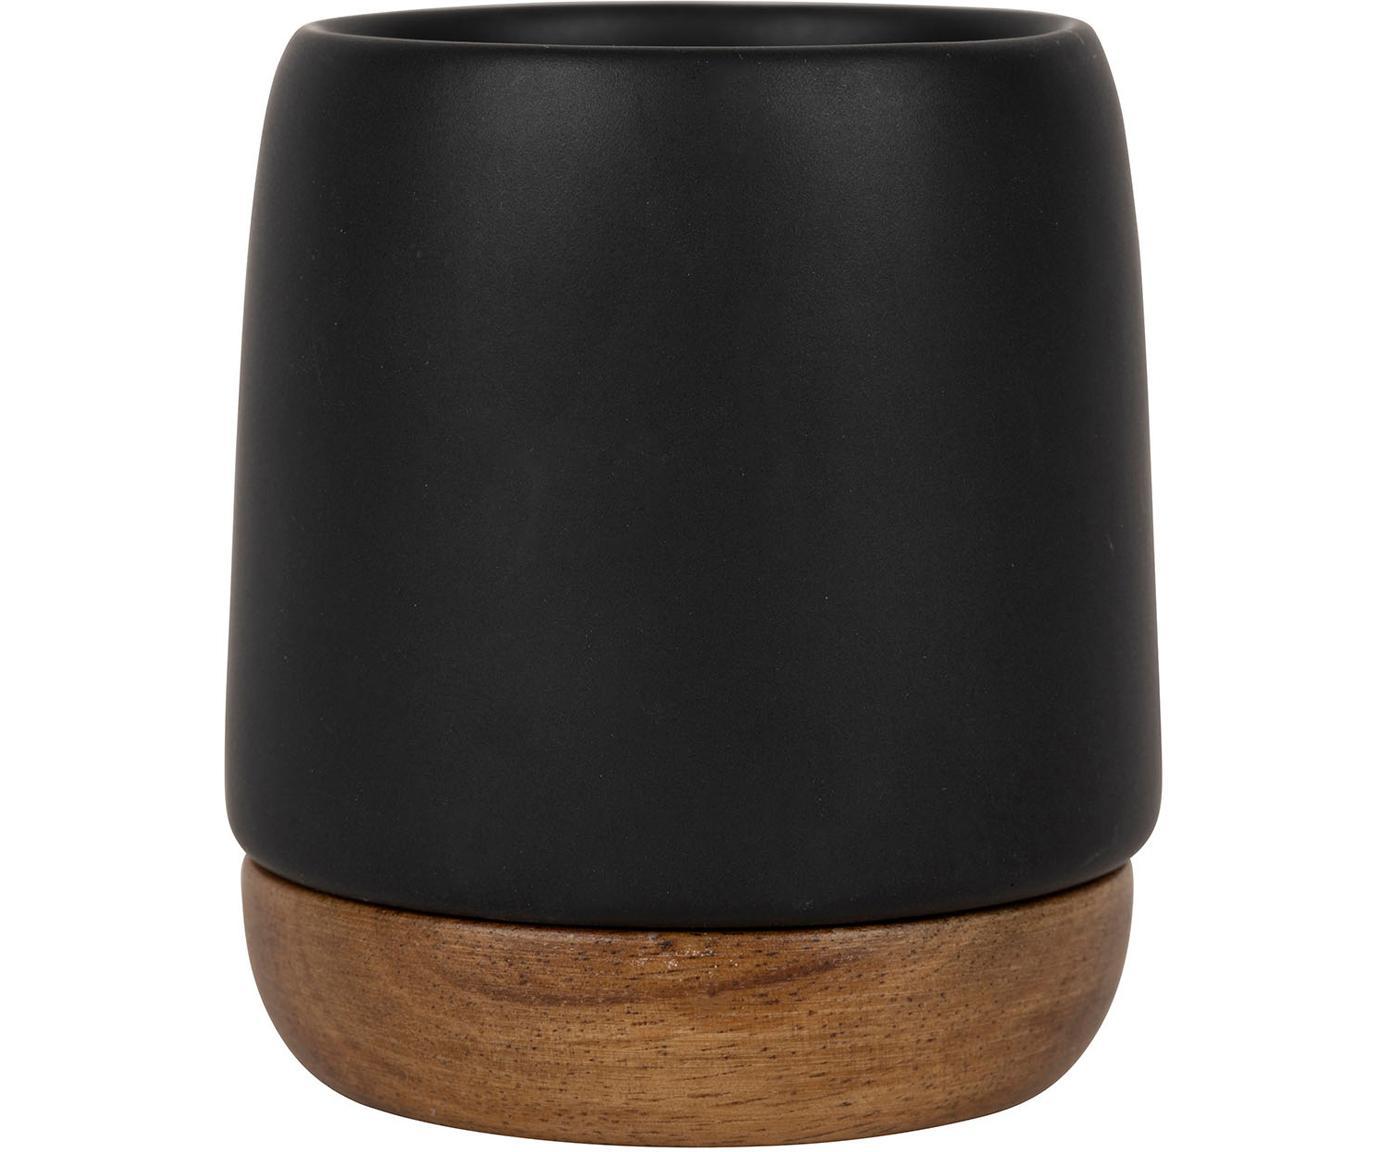 Kubek z kamionki z podstawą z drewna akacjowego Nordika, 2 szt., Kamionka, drewno akacjowe, Czarny, brązowy, Ø 6 x W 8 cm